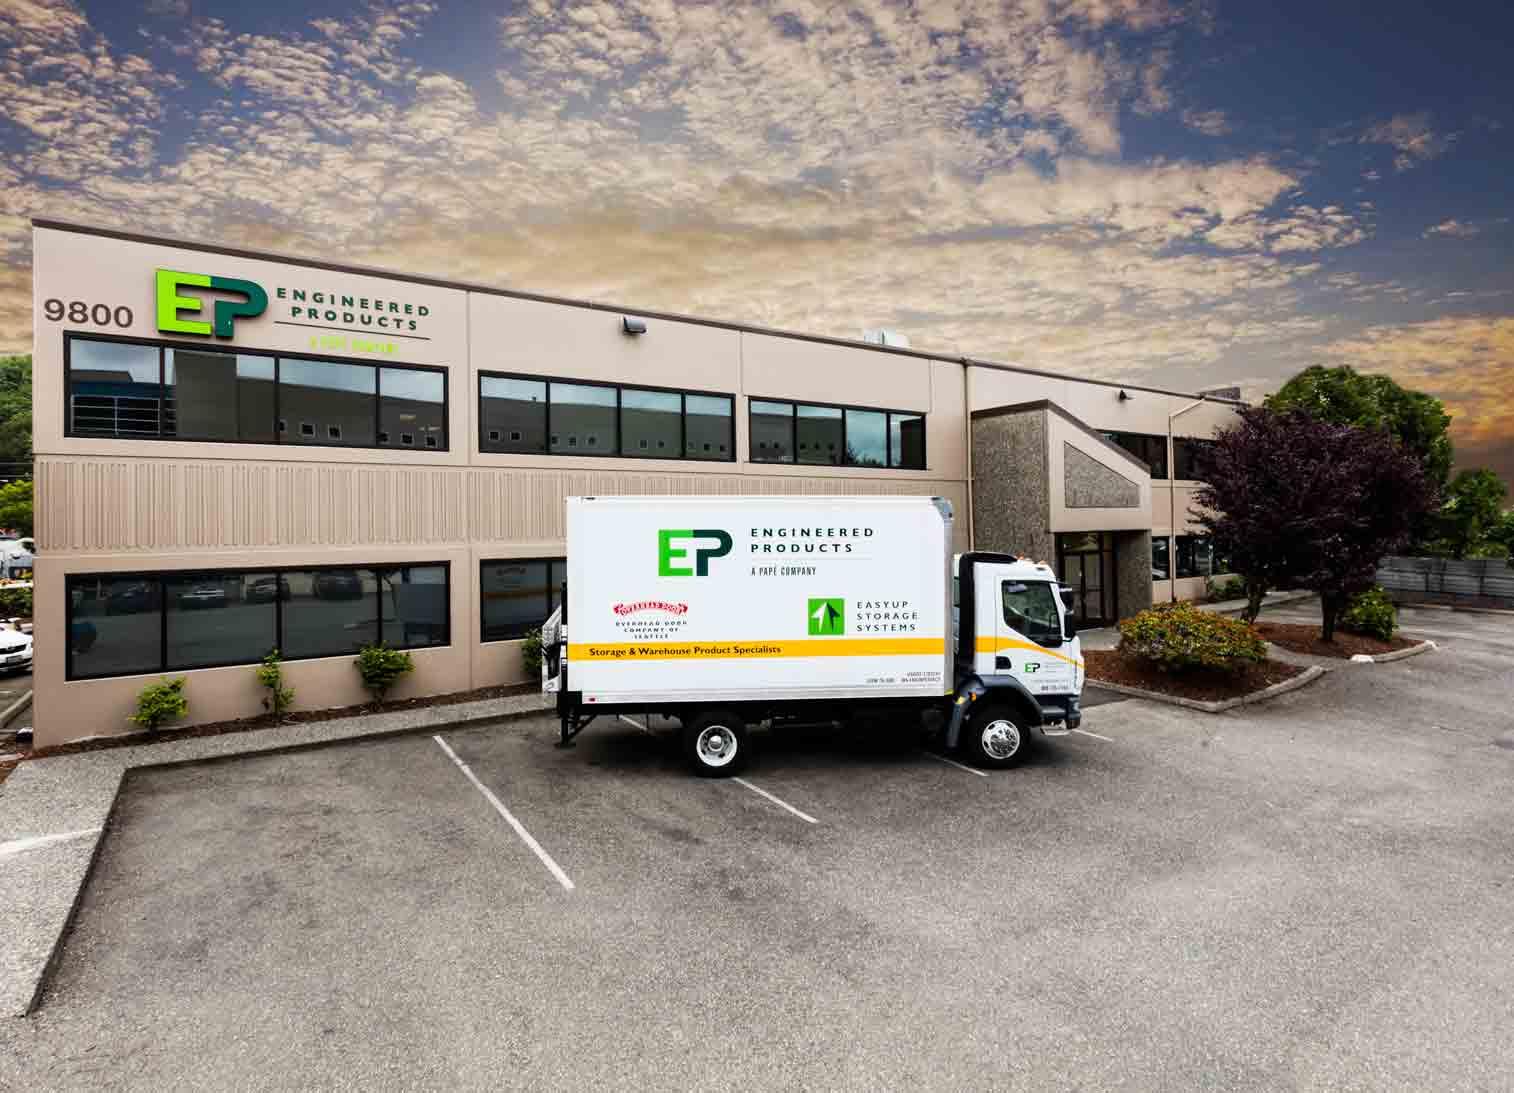 Case Study: Papé Warehouse Design Center